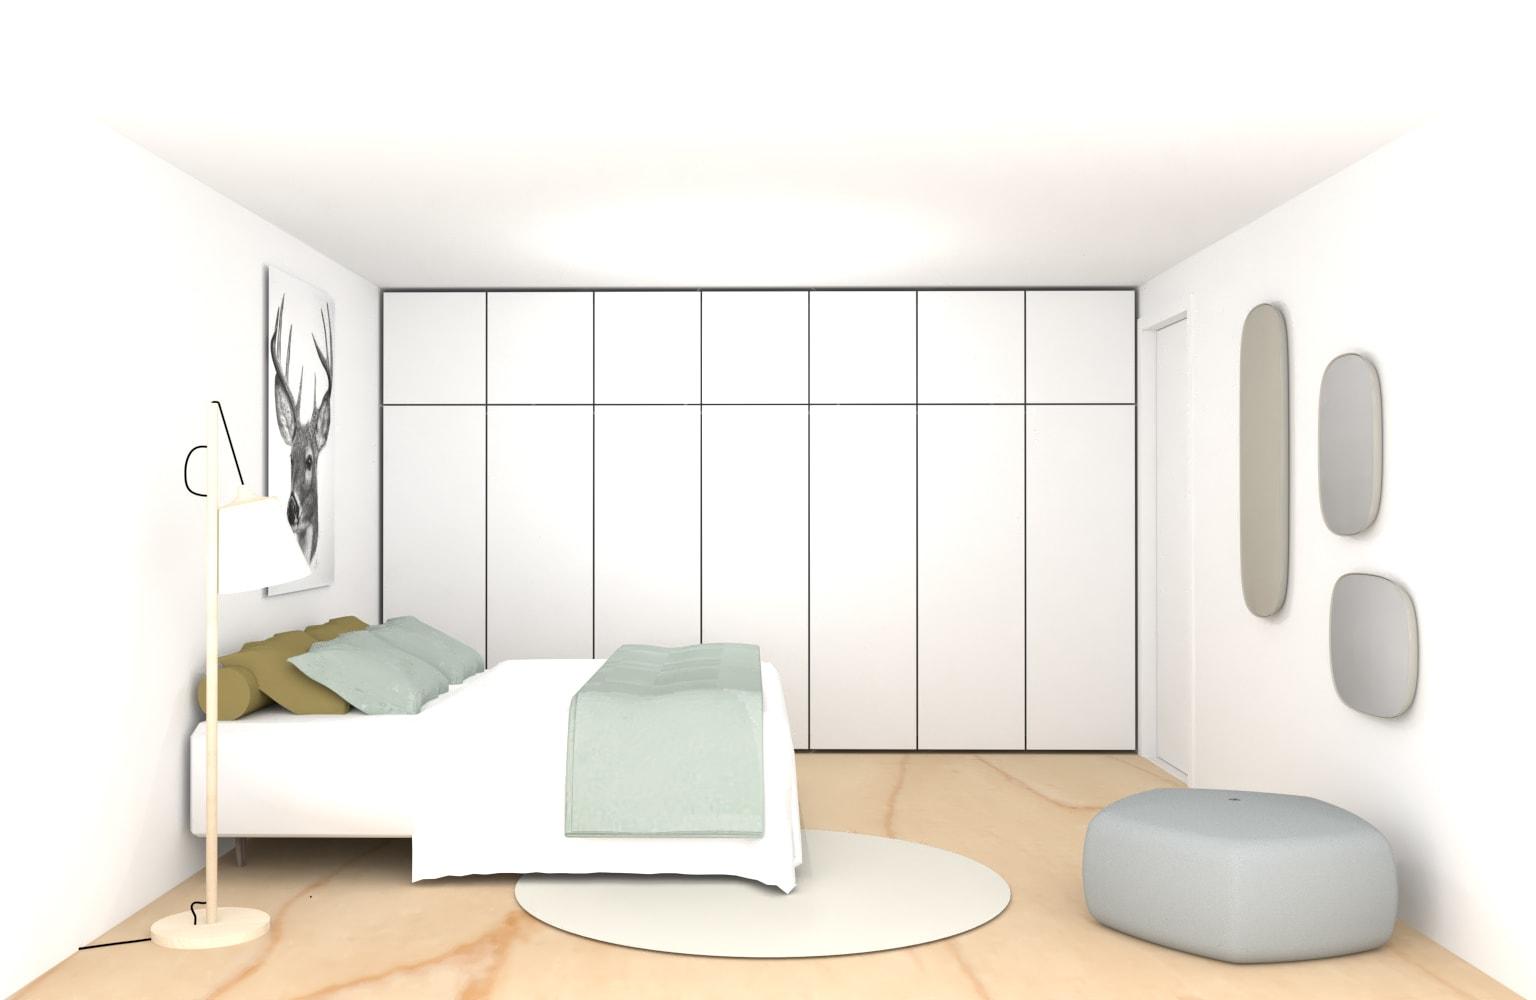 Interieurontwerp slaapkamer met inbouwkast over hele breedte op maat